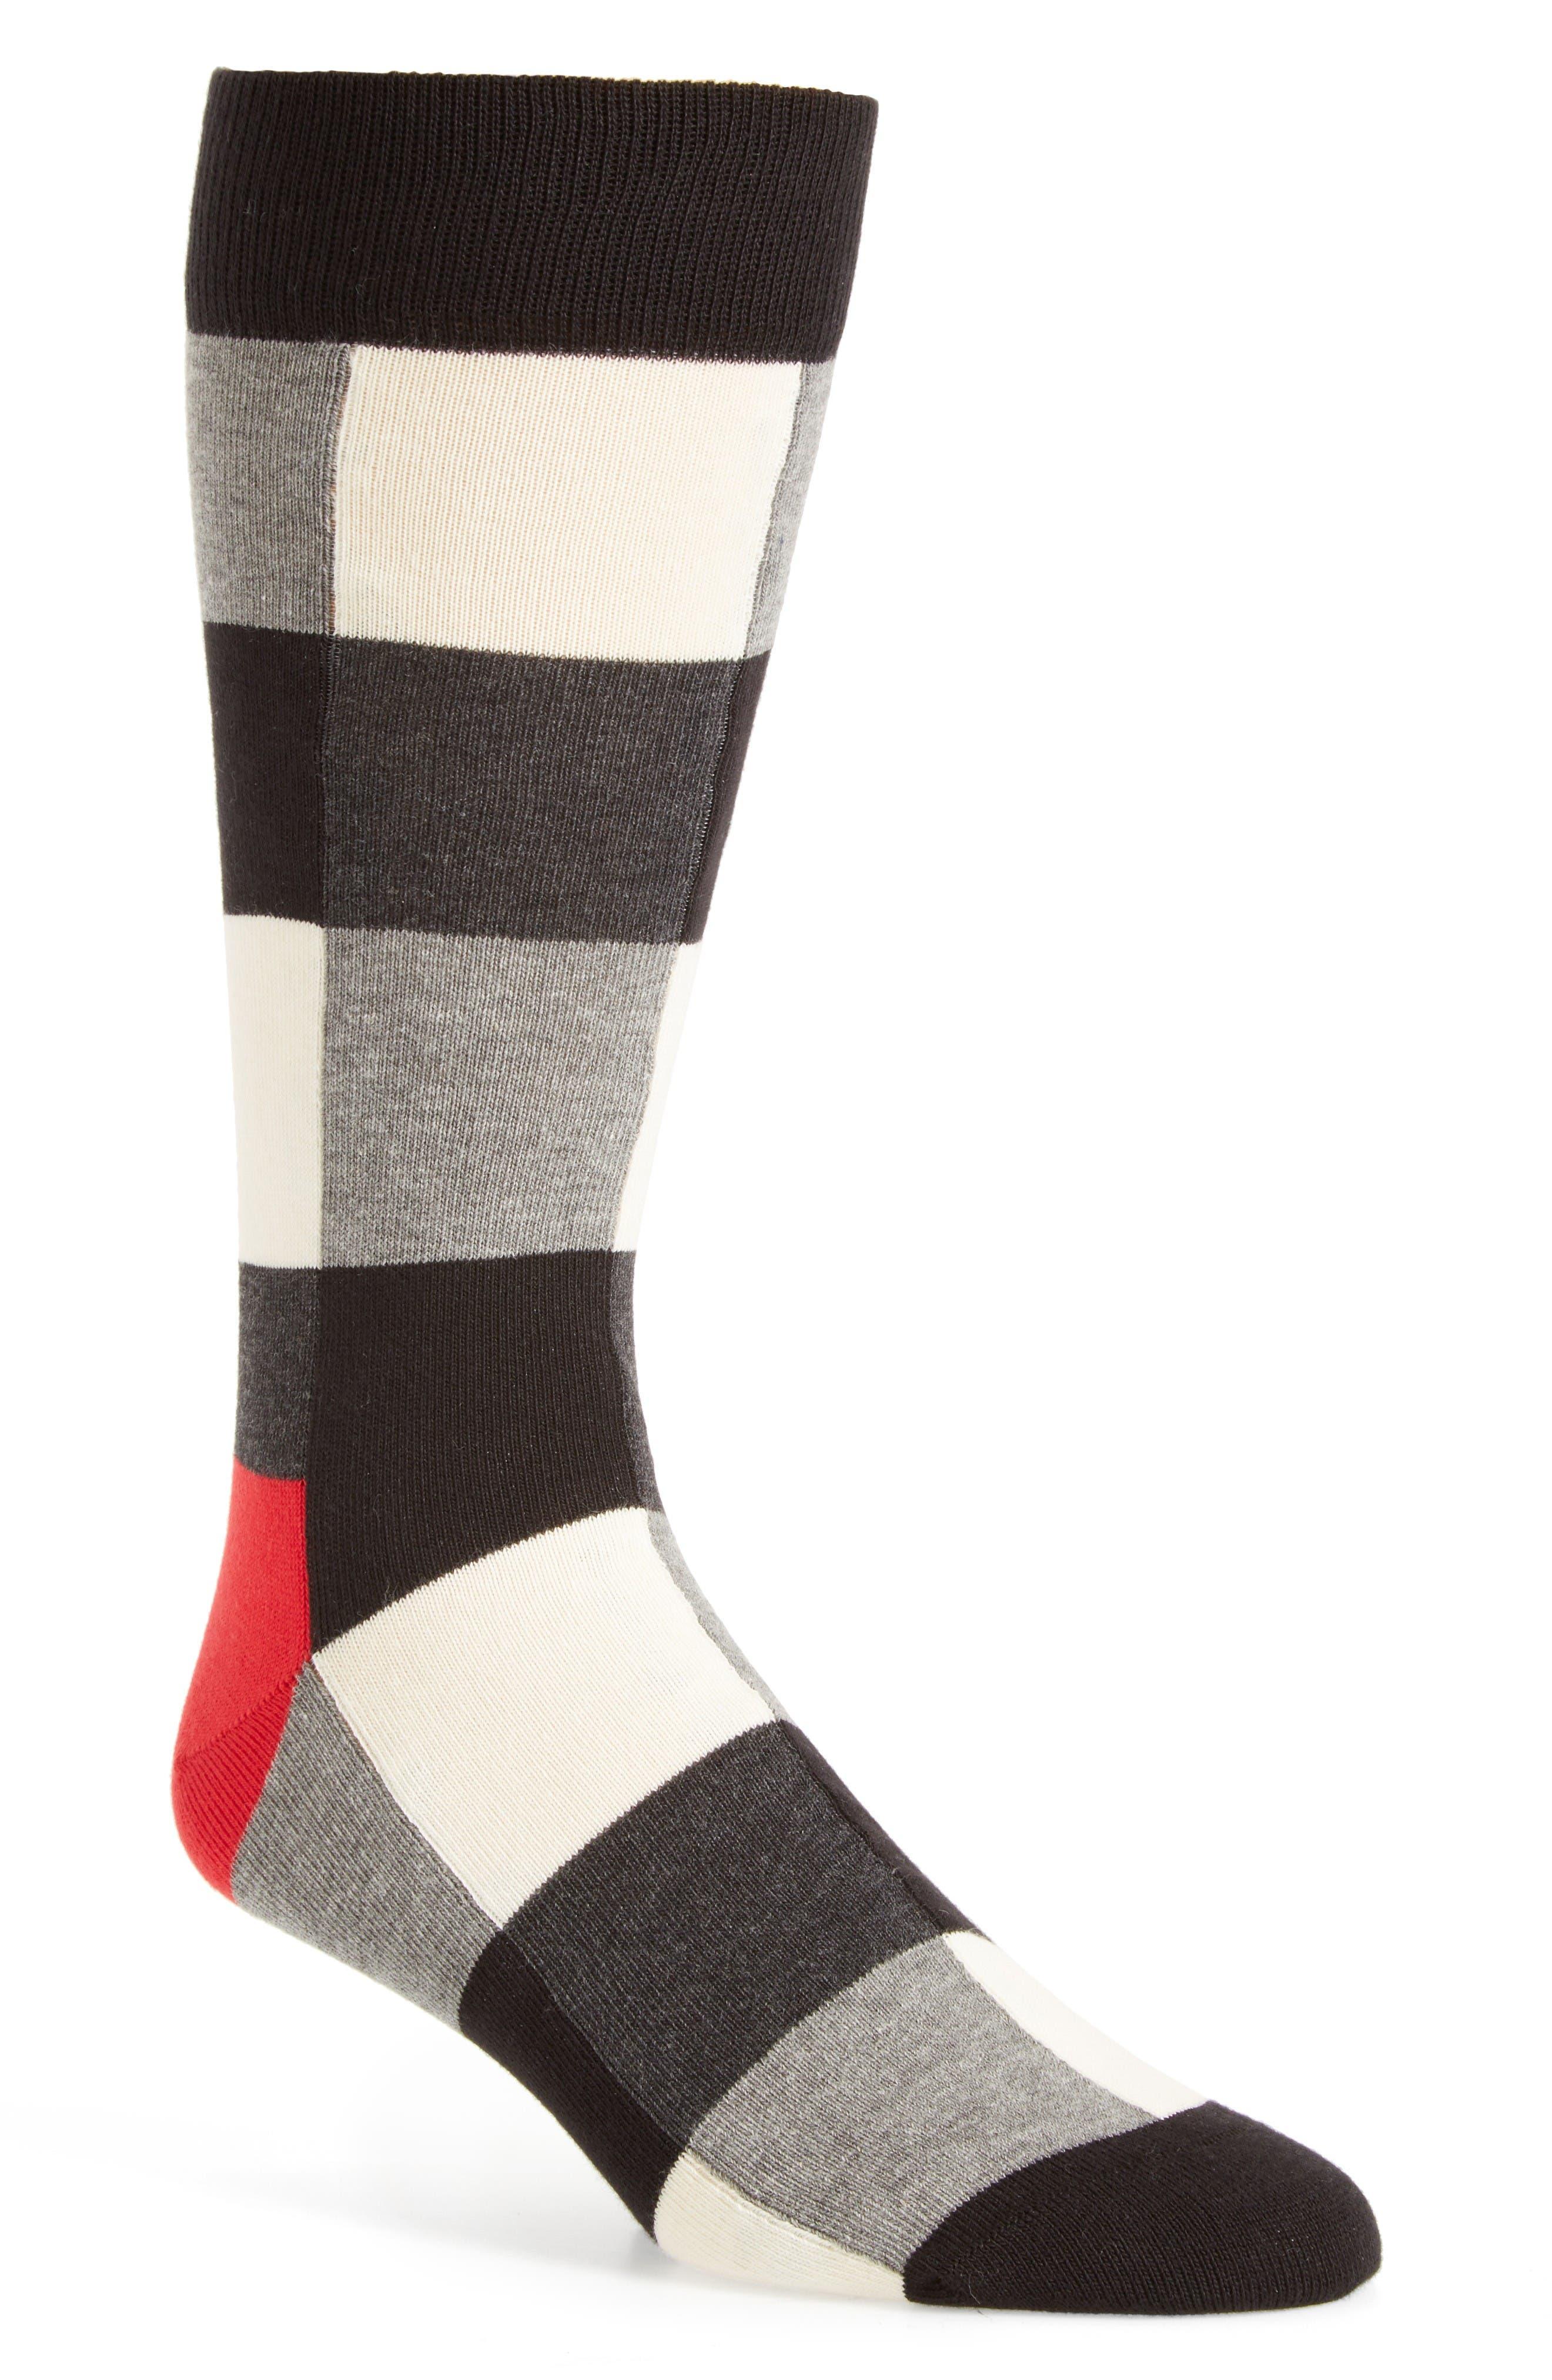 Check Socks,                         Main,                         color, Black/ White/ Grey